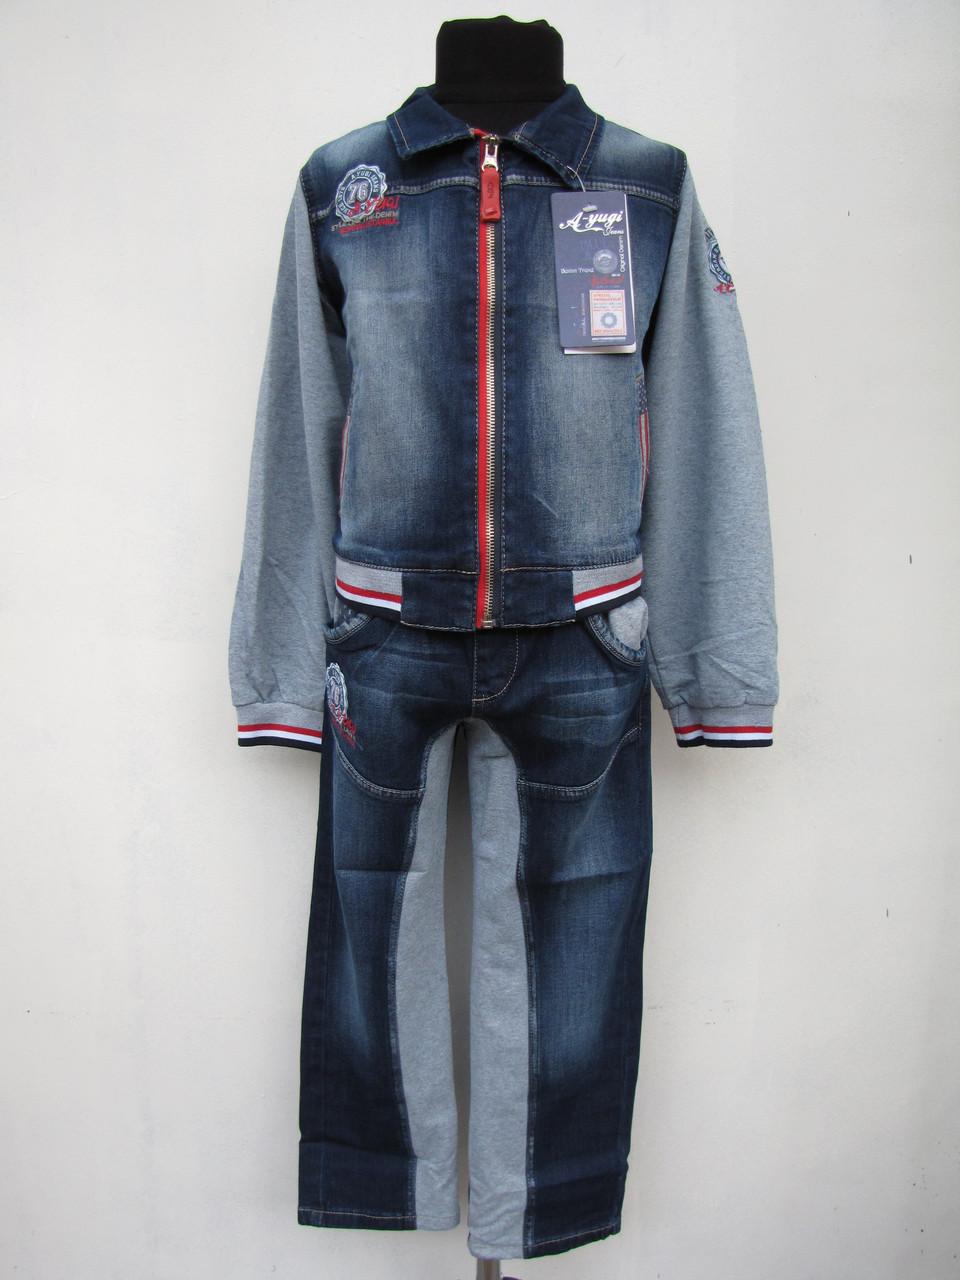 Джинсовый костюм A-yugi для мальчиков 98 роста